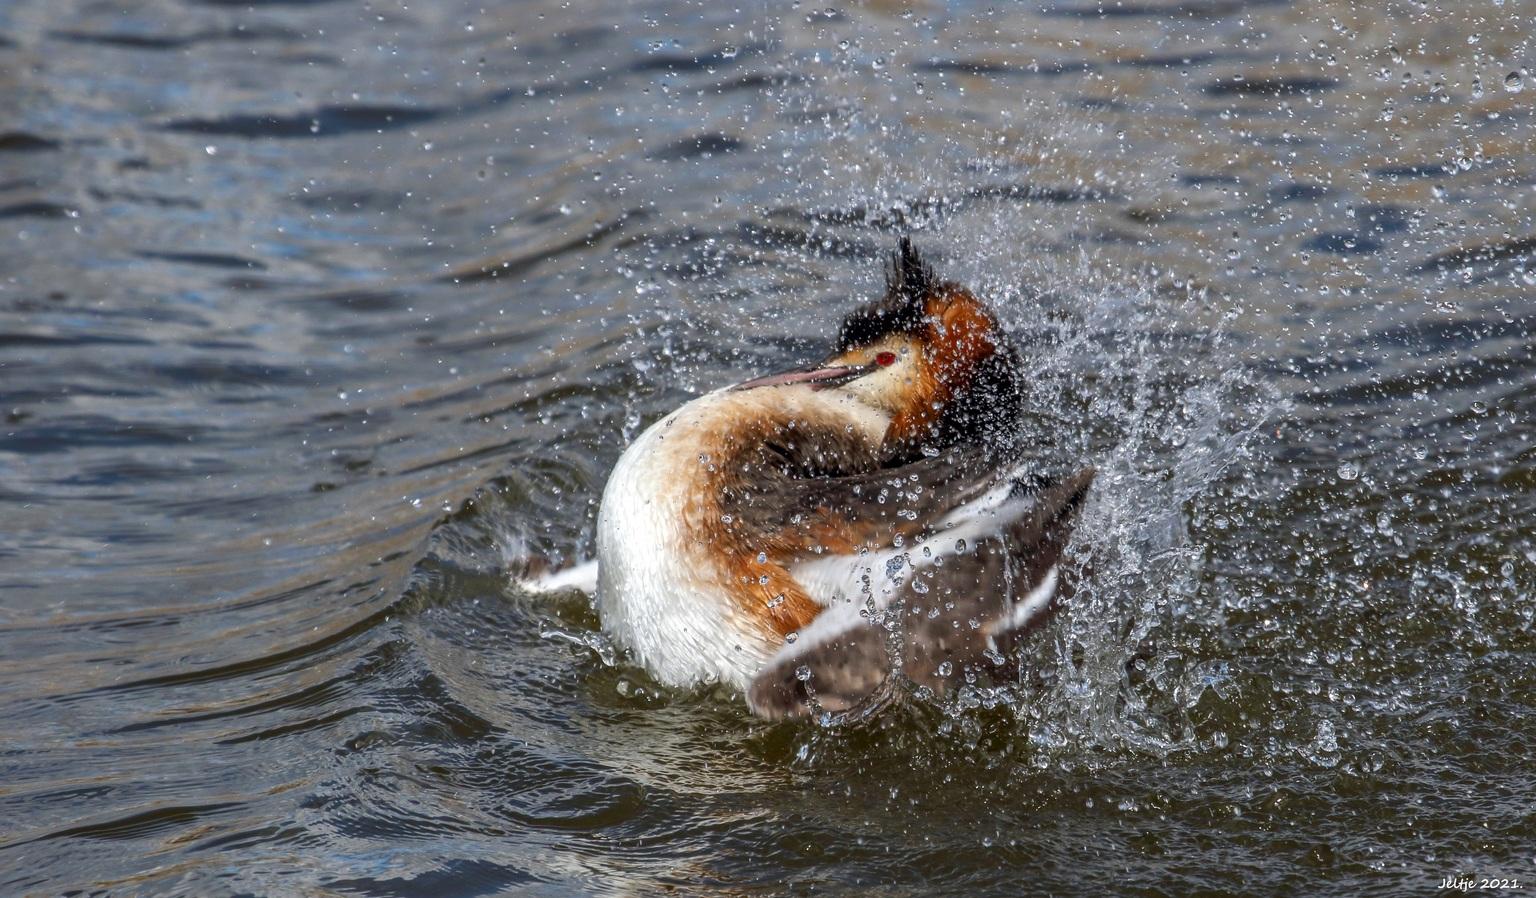 Fuut. - Fuut. - foto door ikjel op 12-04-2021 - deze foto bevat: water, vloeistof, vloeistof, meer, eenden, ganzen en zwanen, watervogels, watervogel, bek, dieren in het wild, zeevogel